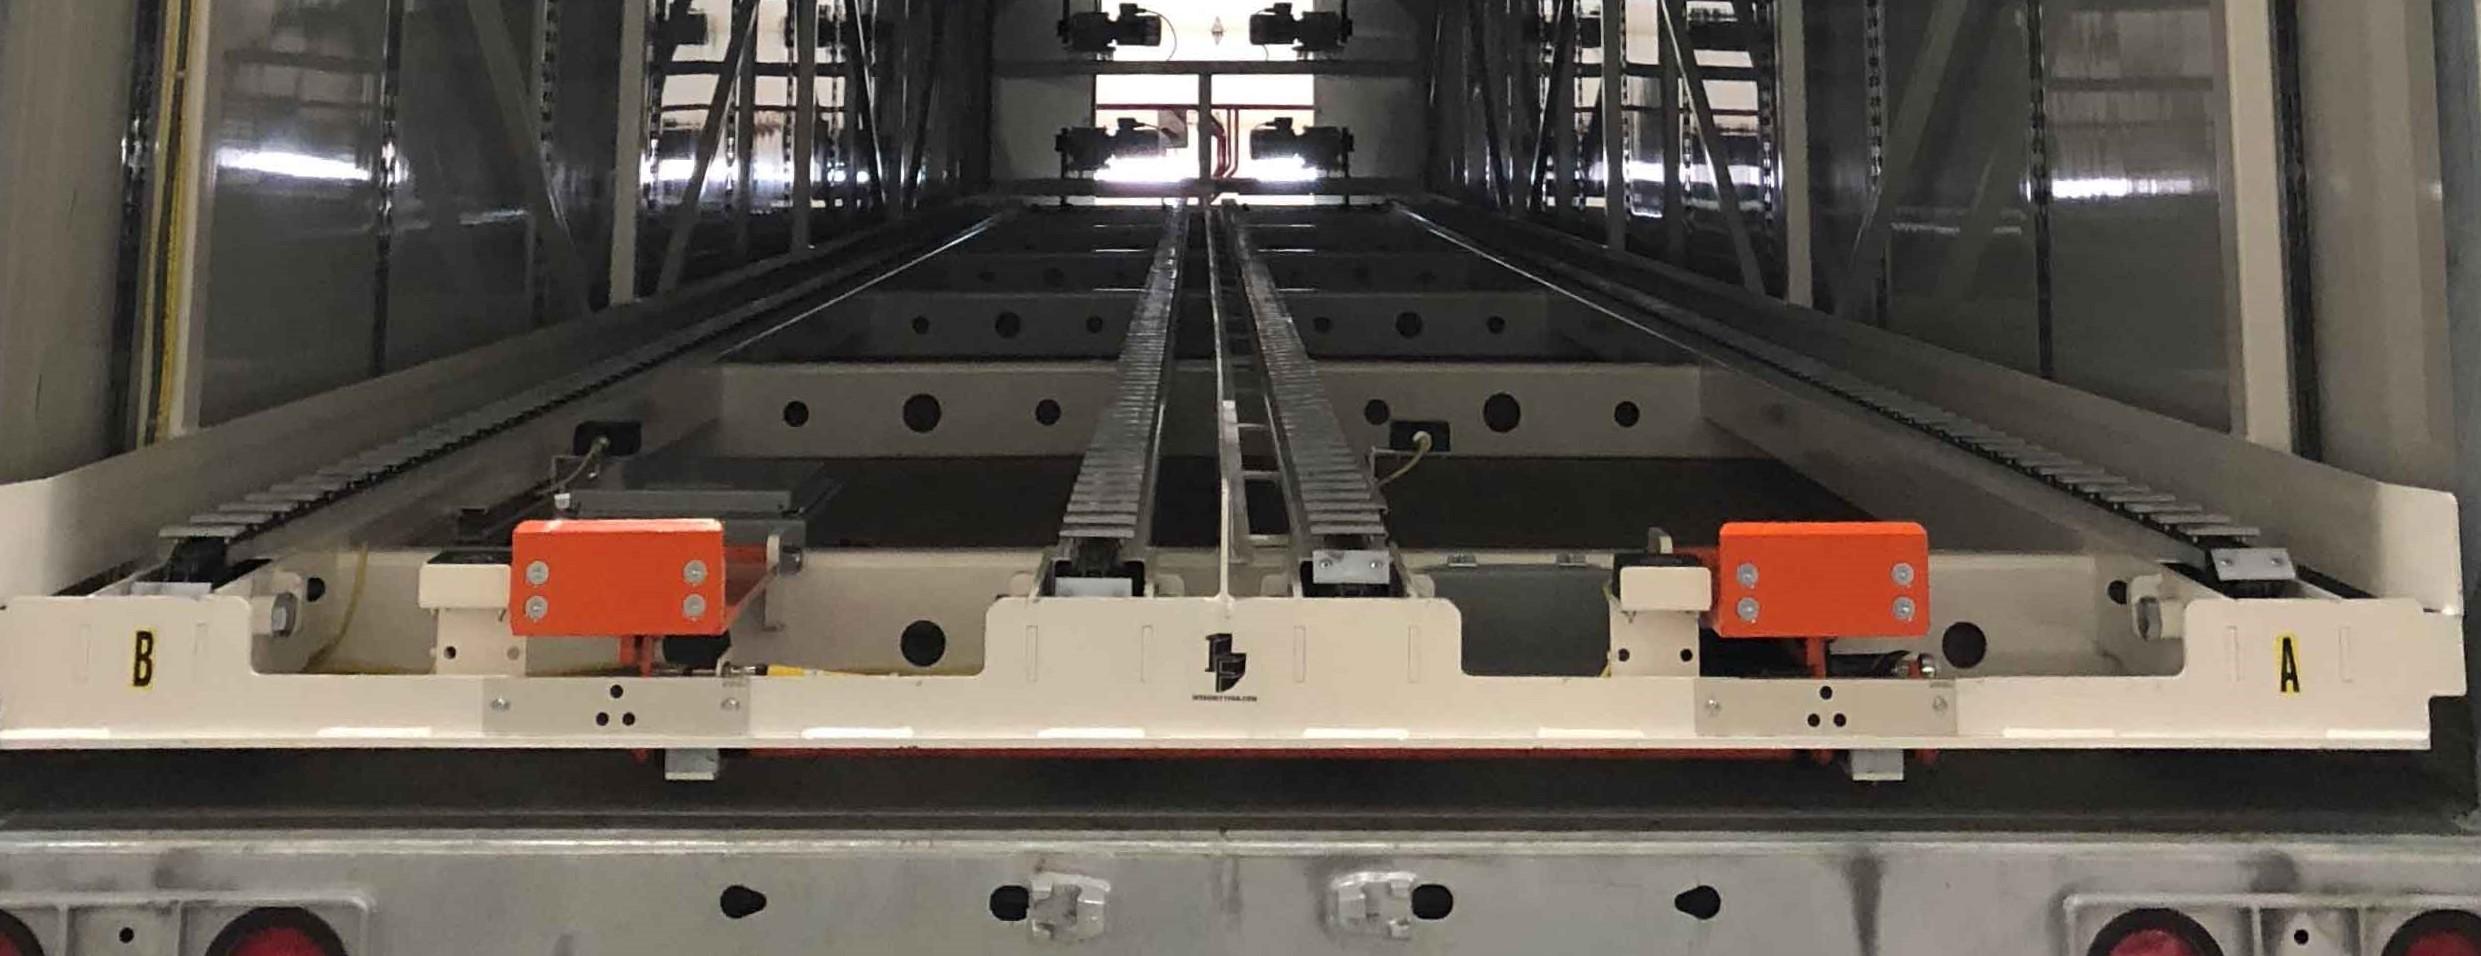 Trailer Conveyor